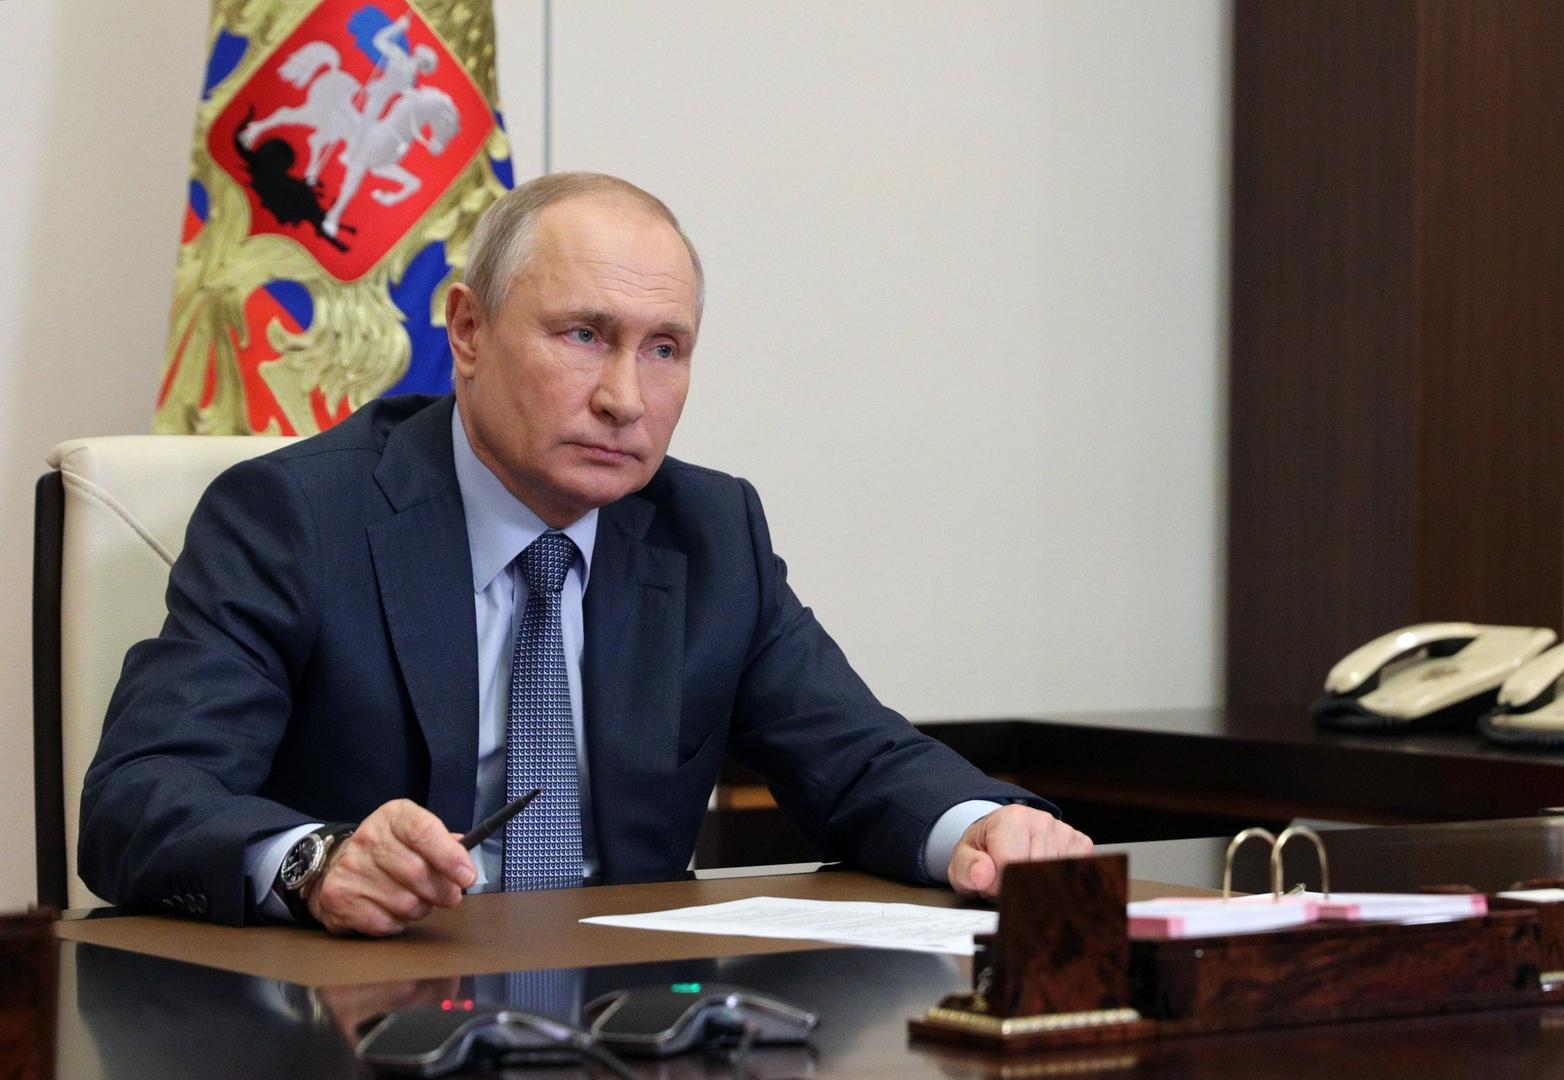 بوتين: نأخذ الحديث عن انضمام أوكرانيا للناتو على محمل الجد.. ونصف سكان أوكرانيا يعارضون ذلك